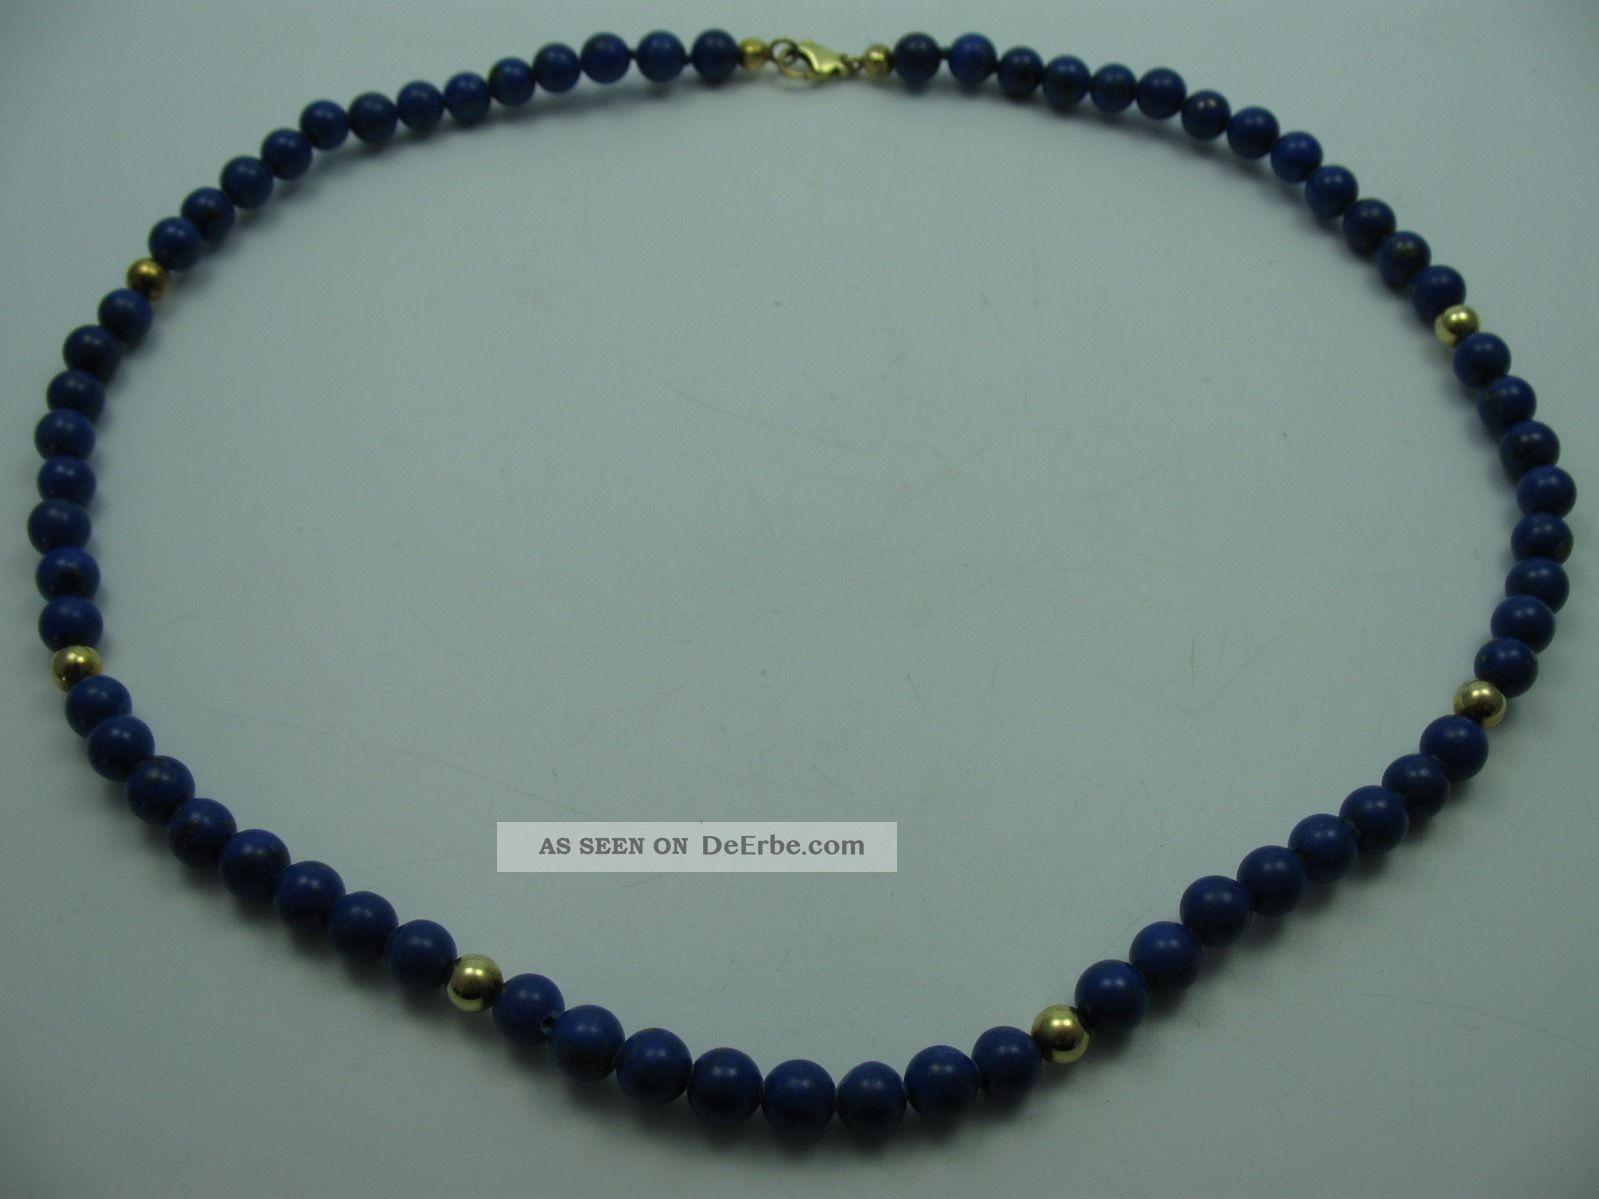 Sehr Schöne Halskette Aus Echtem Lapislazuli Mit 925 Silber Schließe Ketten Bild